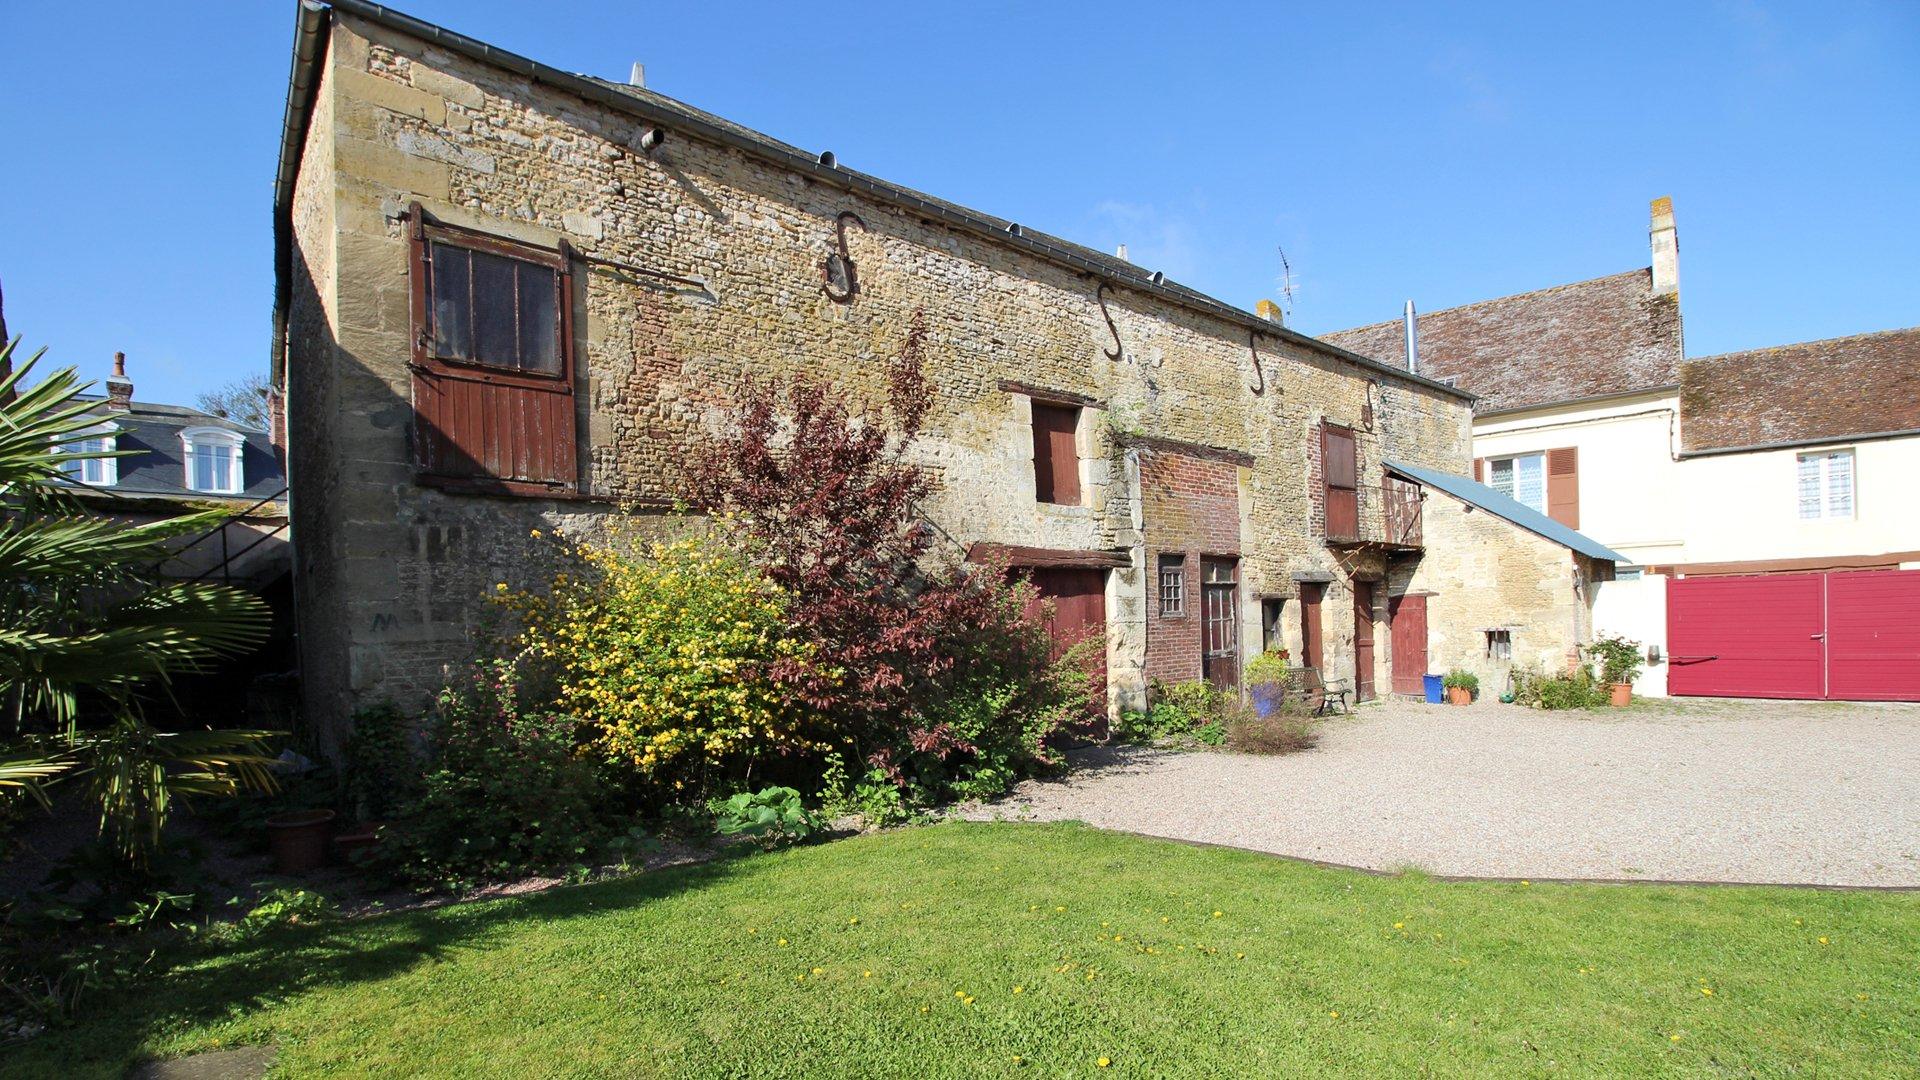 PAYS D'AUGE ORNE TRUN un ancien relai de poste avec un jardin de 1250 m2